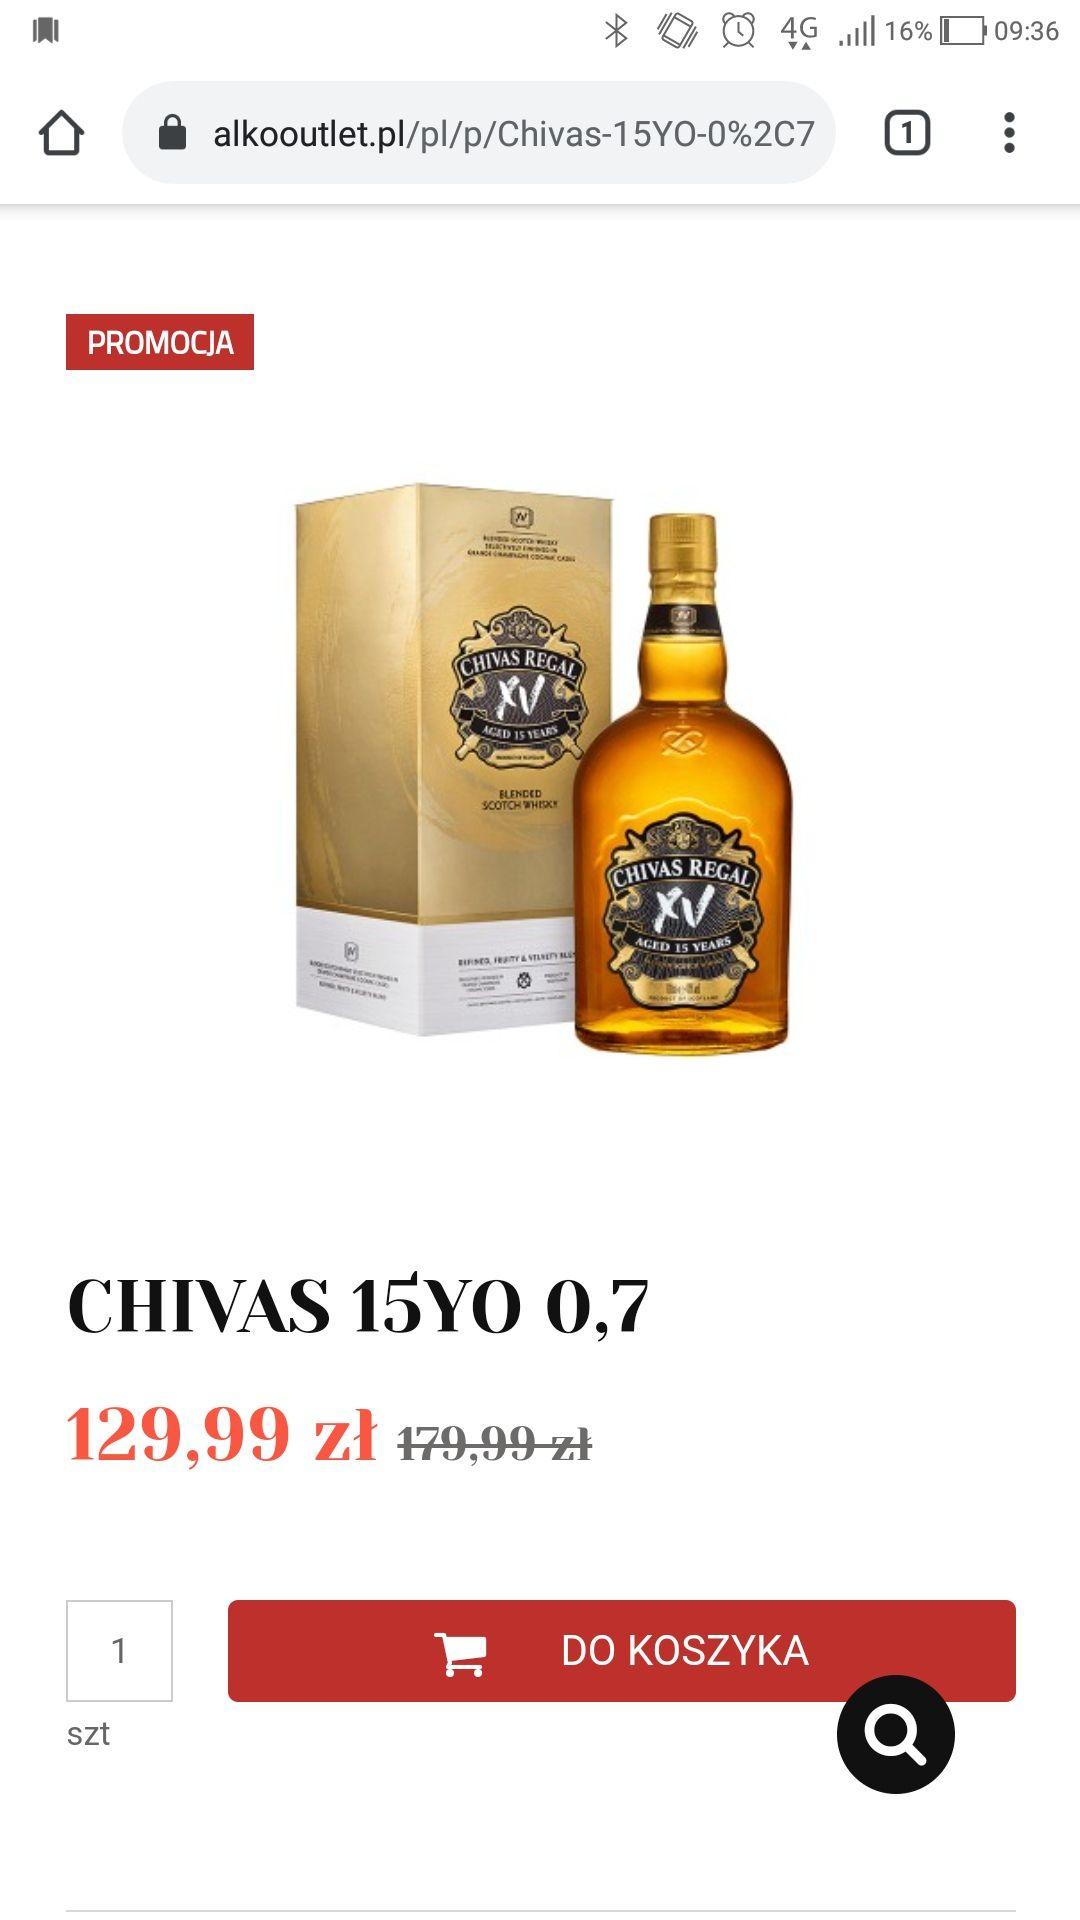 CHIVAS 15YO 0,7